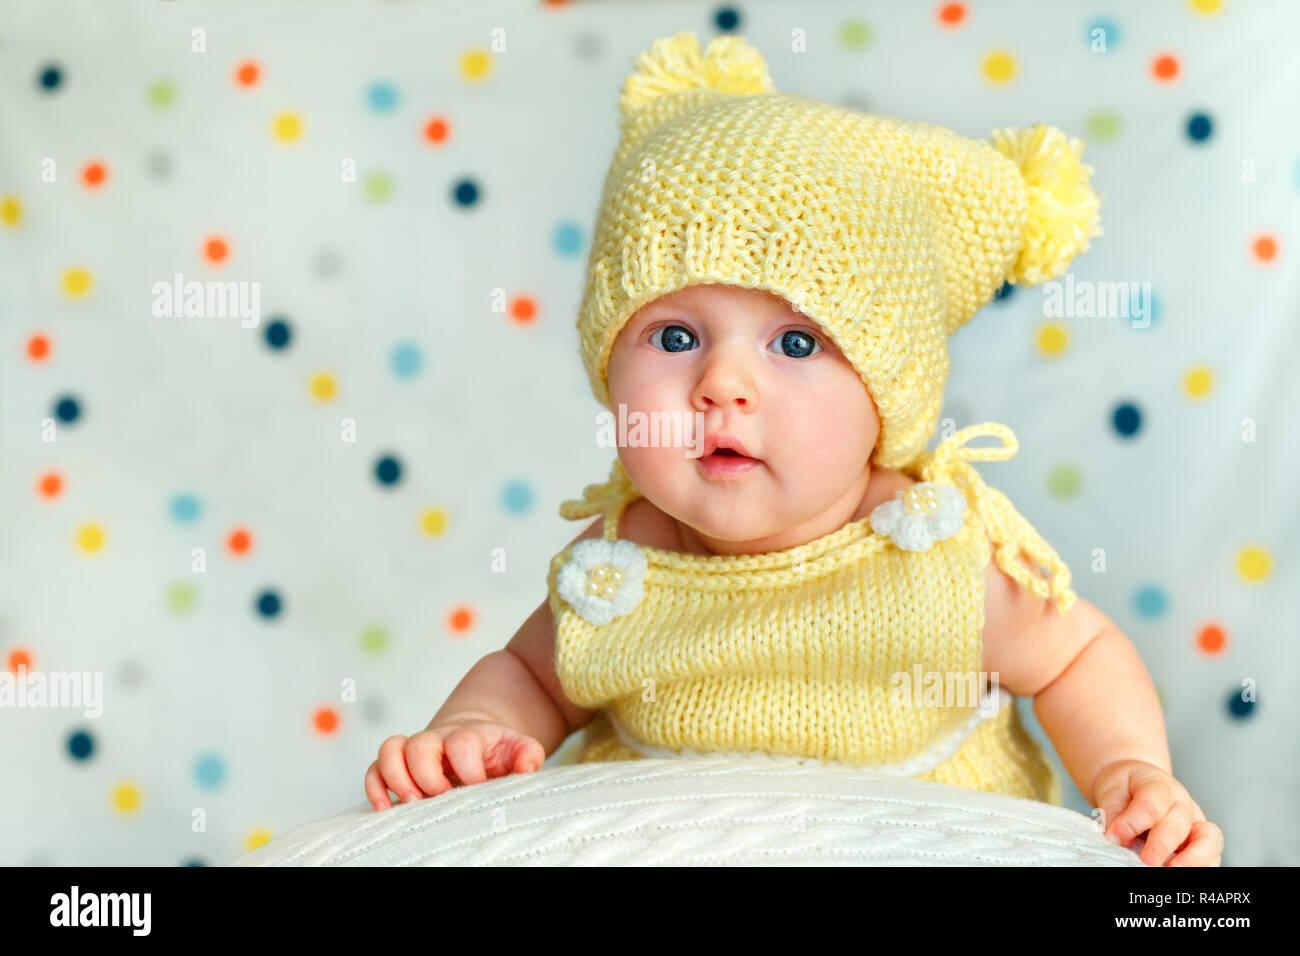 Retrato de un lindo bebé niña en tejidos bodysuit amarillo y sombrero  posando en gran bola 271892d2c48